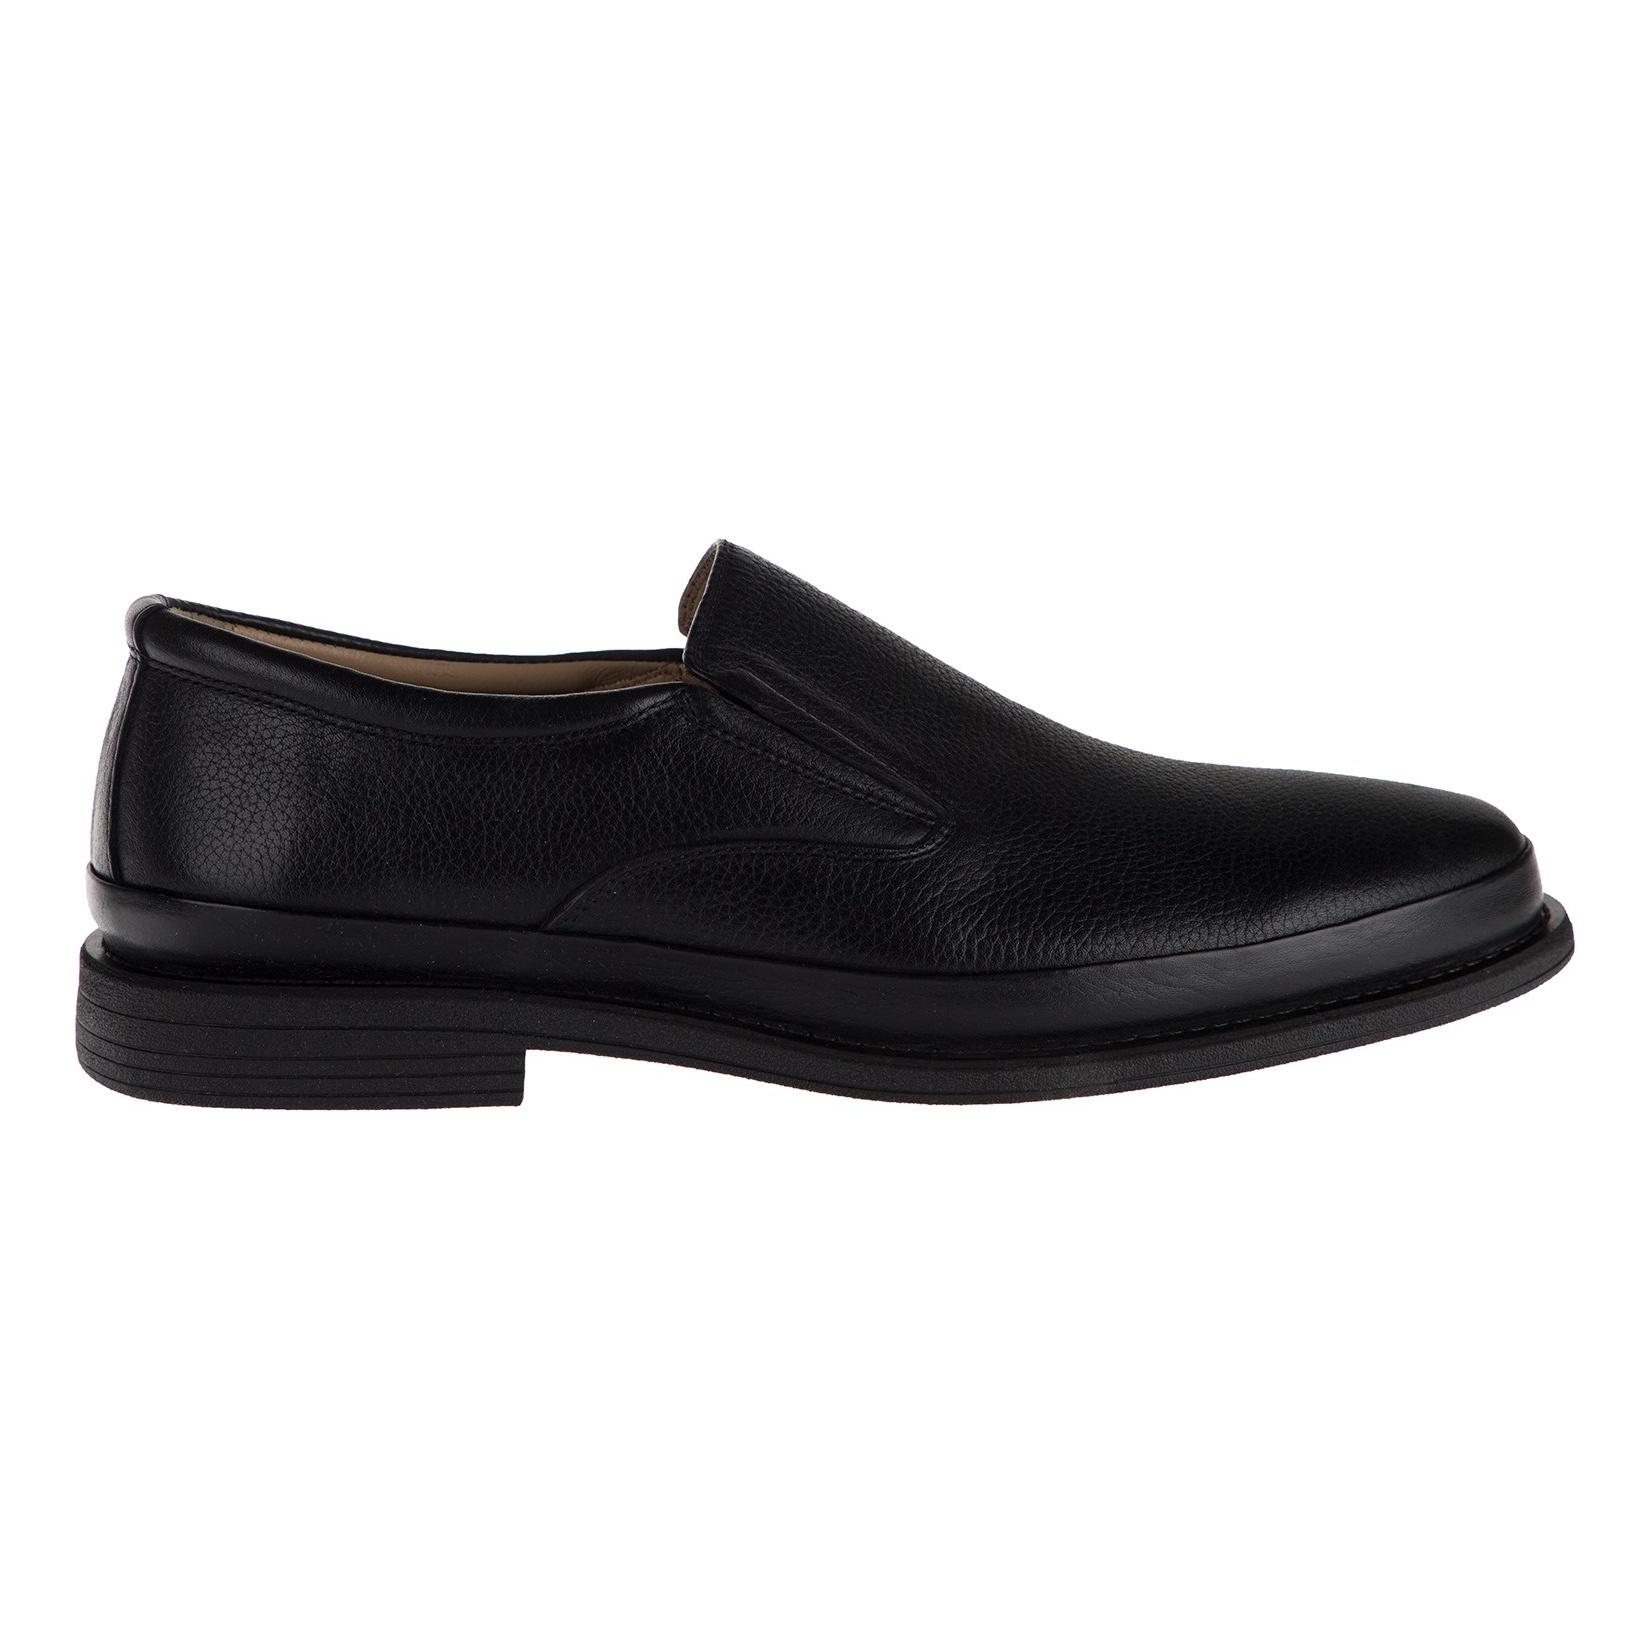 کفش اداری چرم مردانه - آرتمن